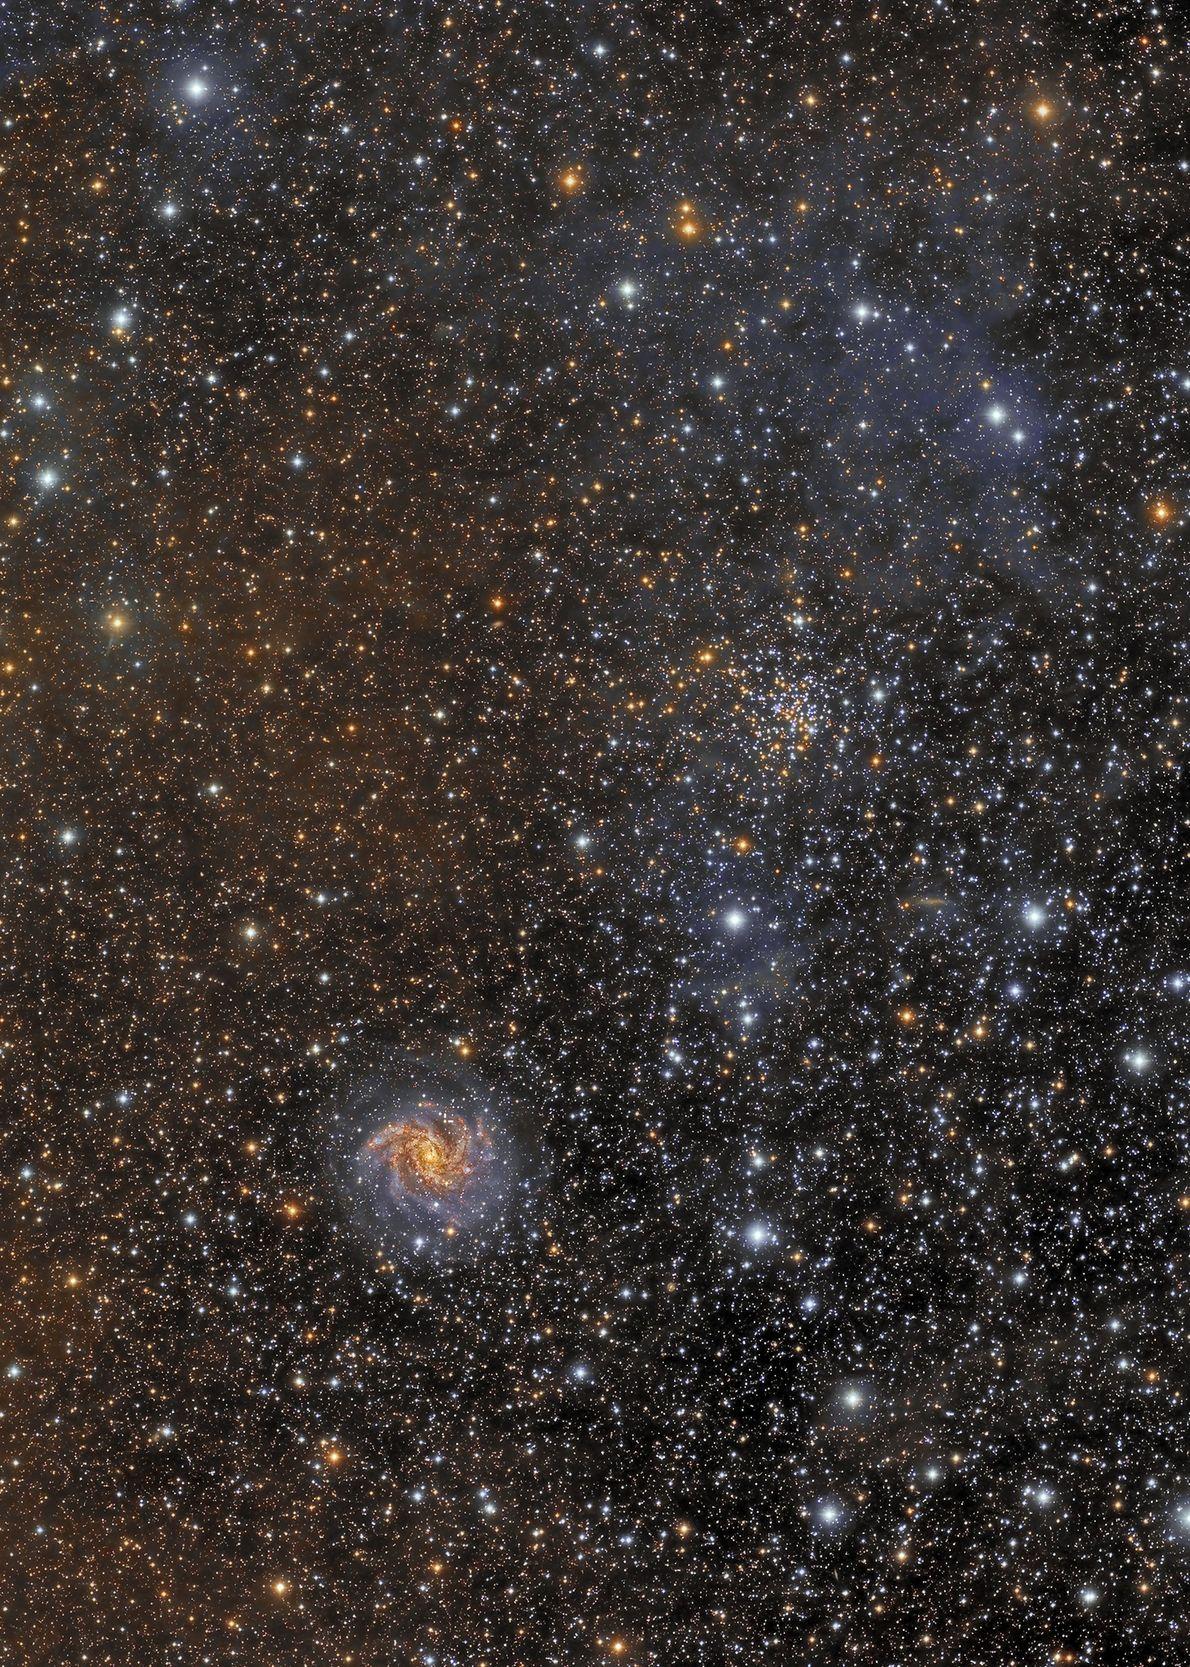 Exibindo a diversidade de objetos que estão visíveis no céu noturno, esta imagem mostra o aglomerado ...